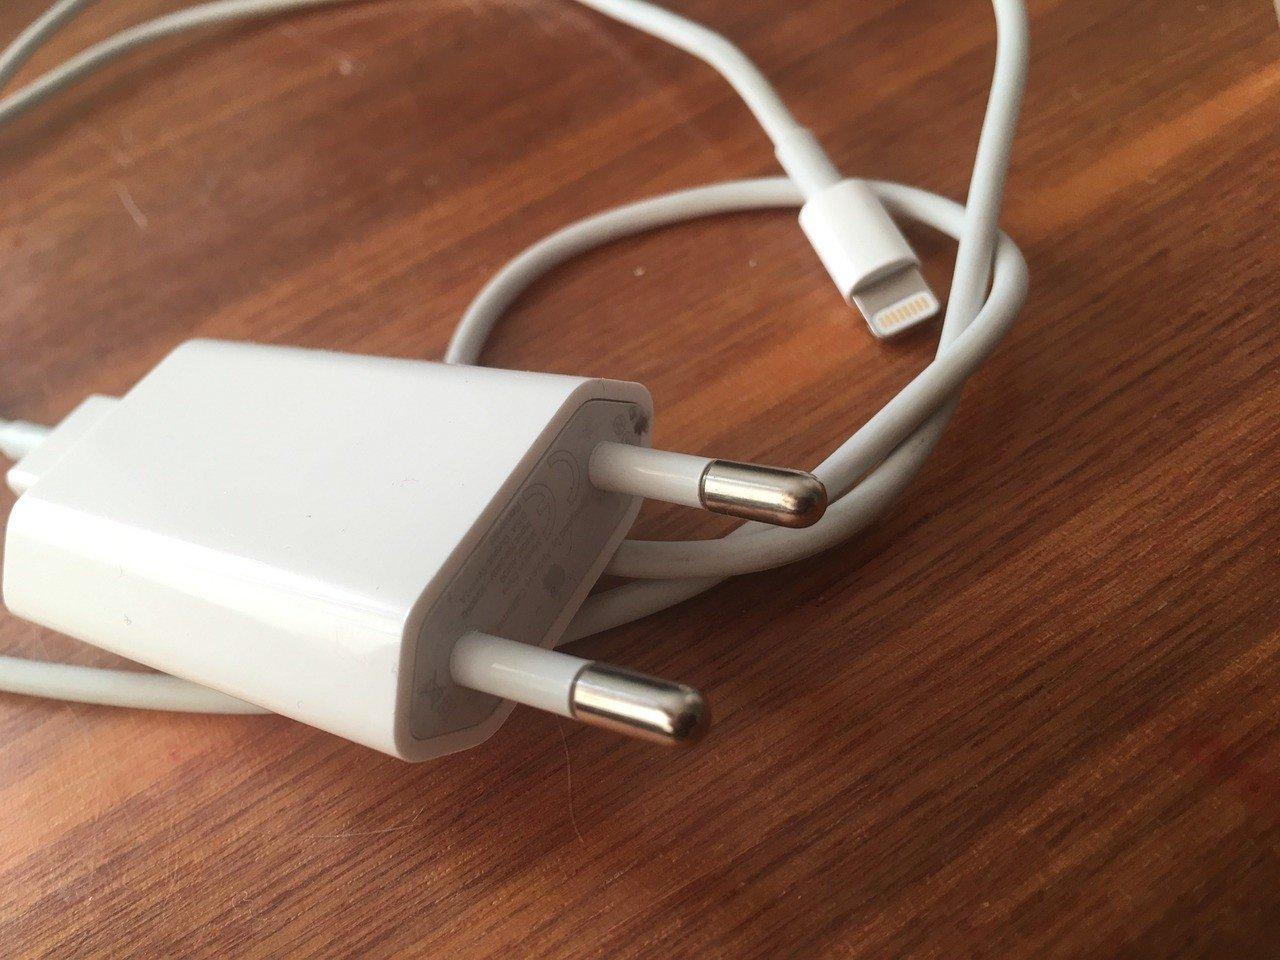 Ta ładowarka do telefonu jest śmiertelnie niebezpieczna. USB